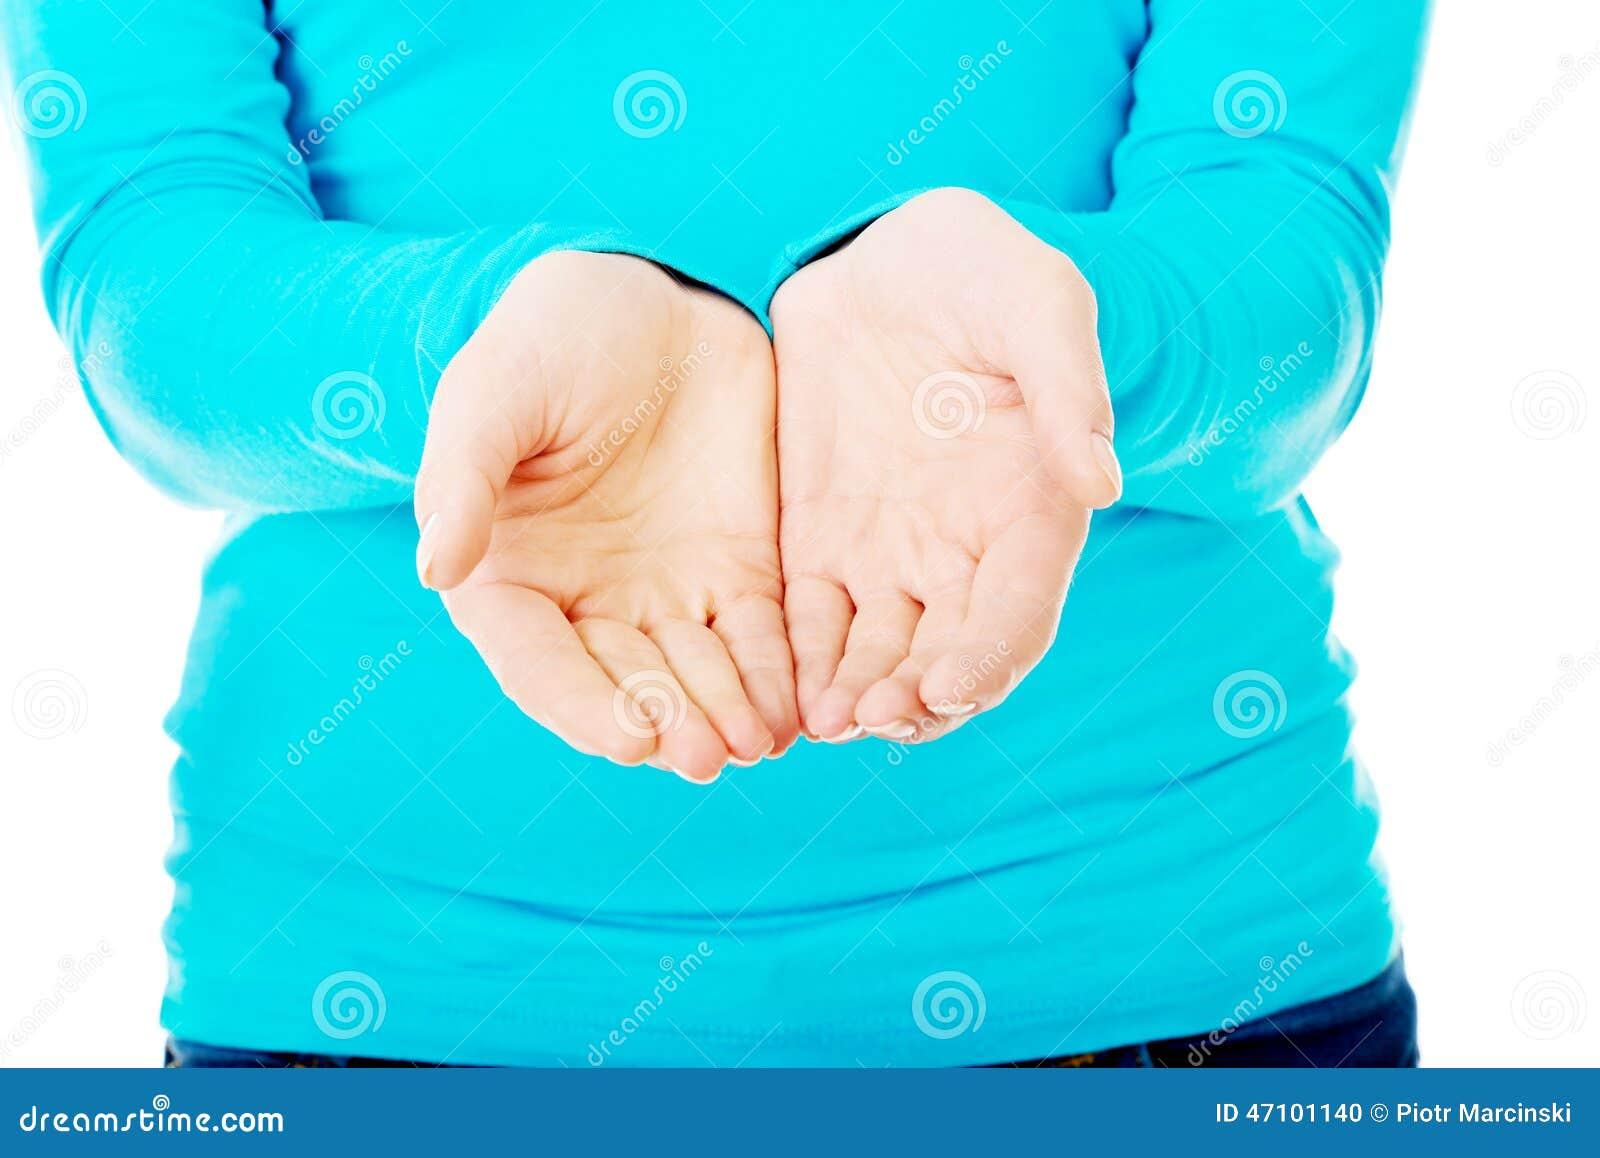 Schließen Sie oben auf Frau schalenförmigen Händen